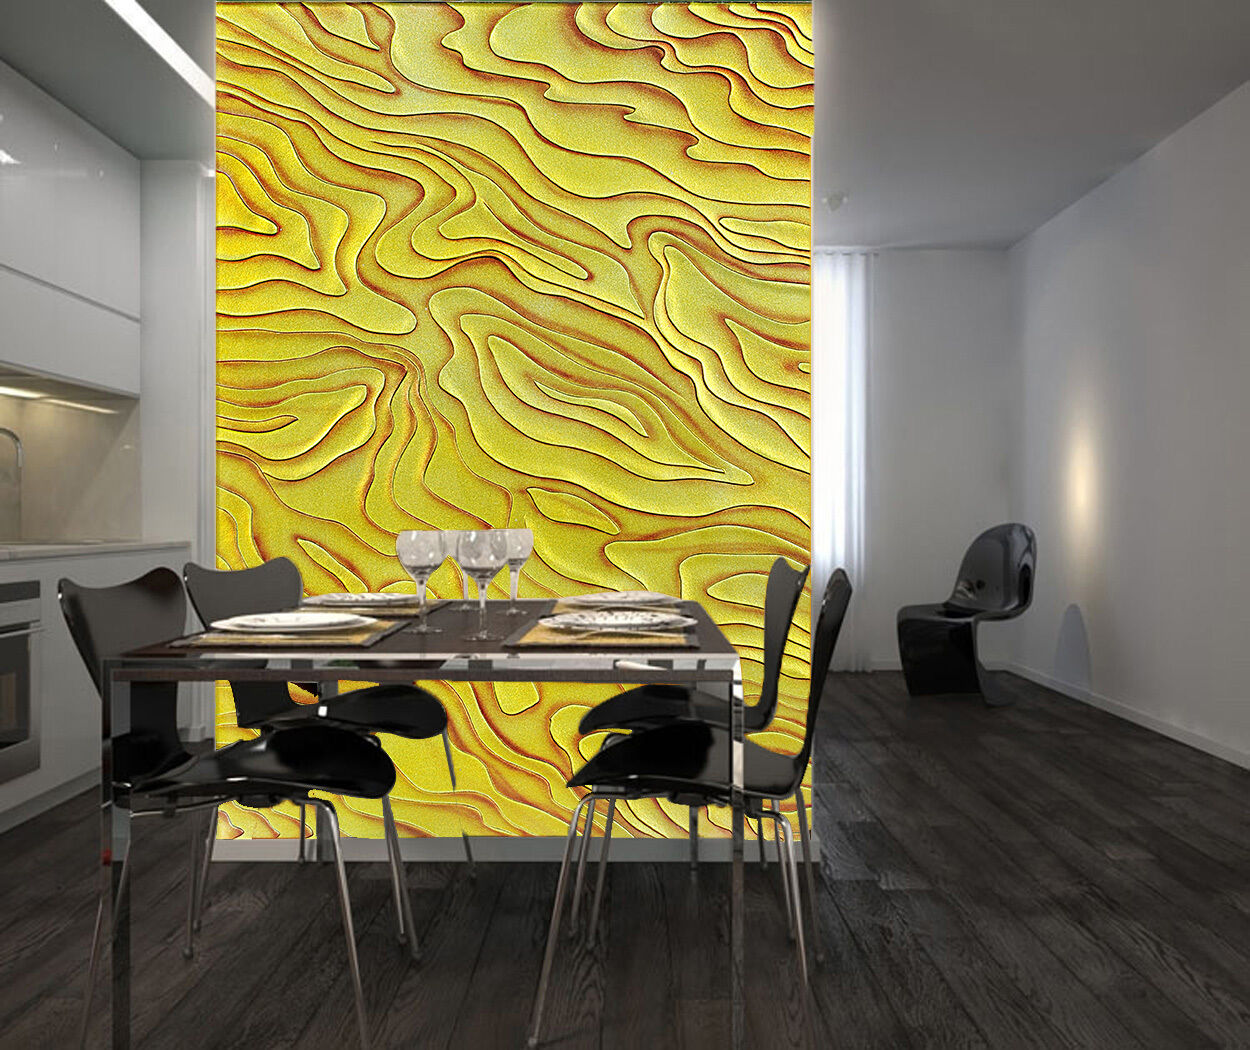 3D Gelb - kunst 64921 Fototapeten Wandbild Fototapete BildTapete Familie DE